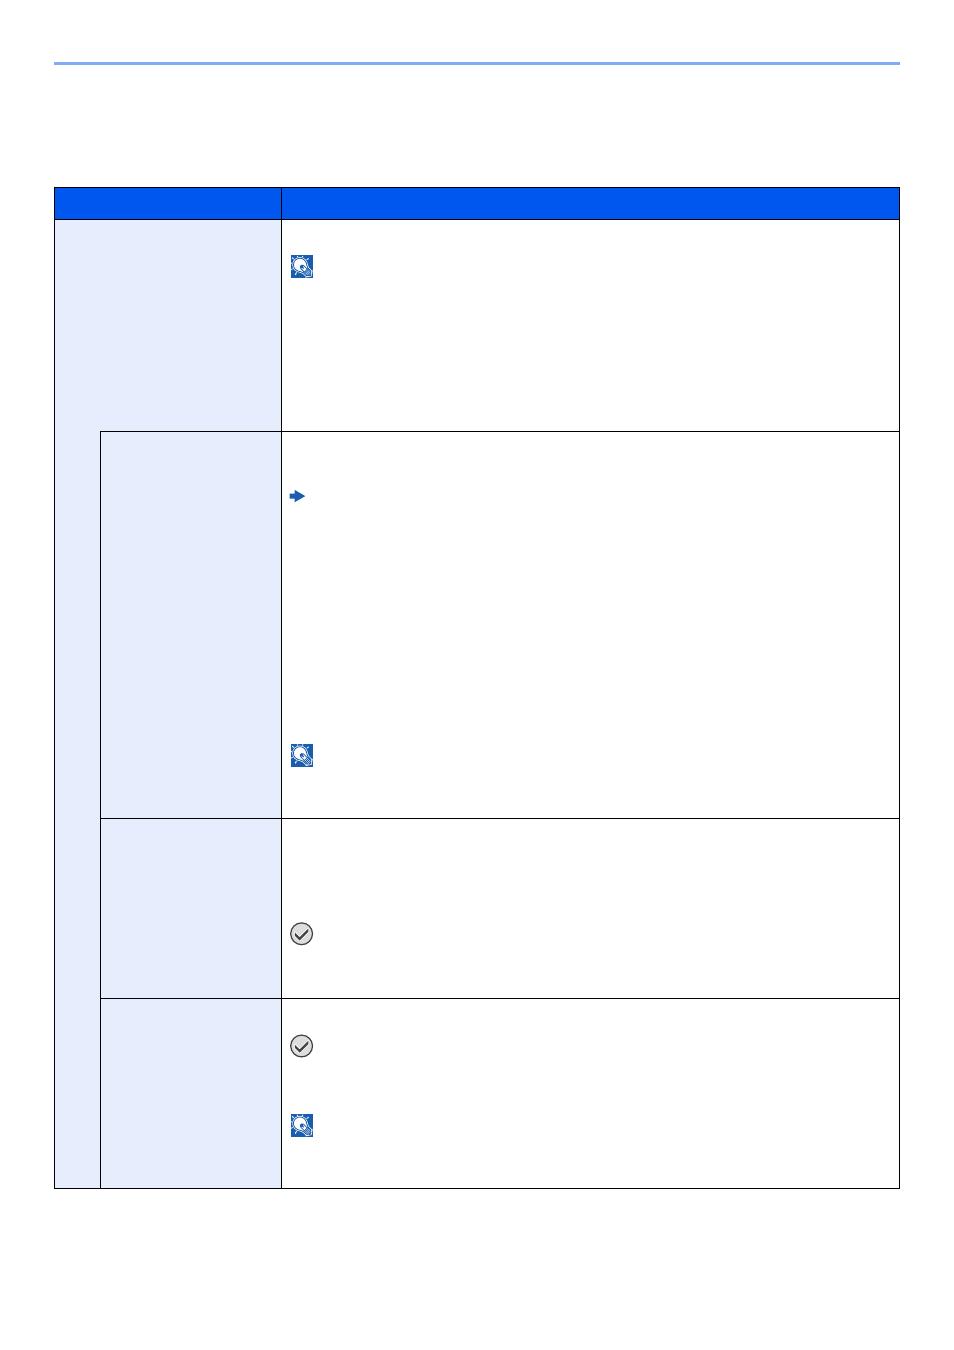 Sk/ssd initialization, Data security | Kyocera TASKalfa 2552ci User